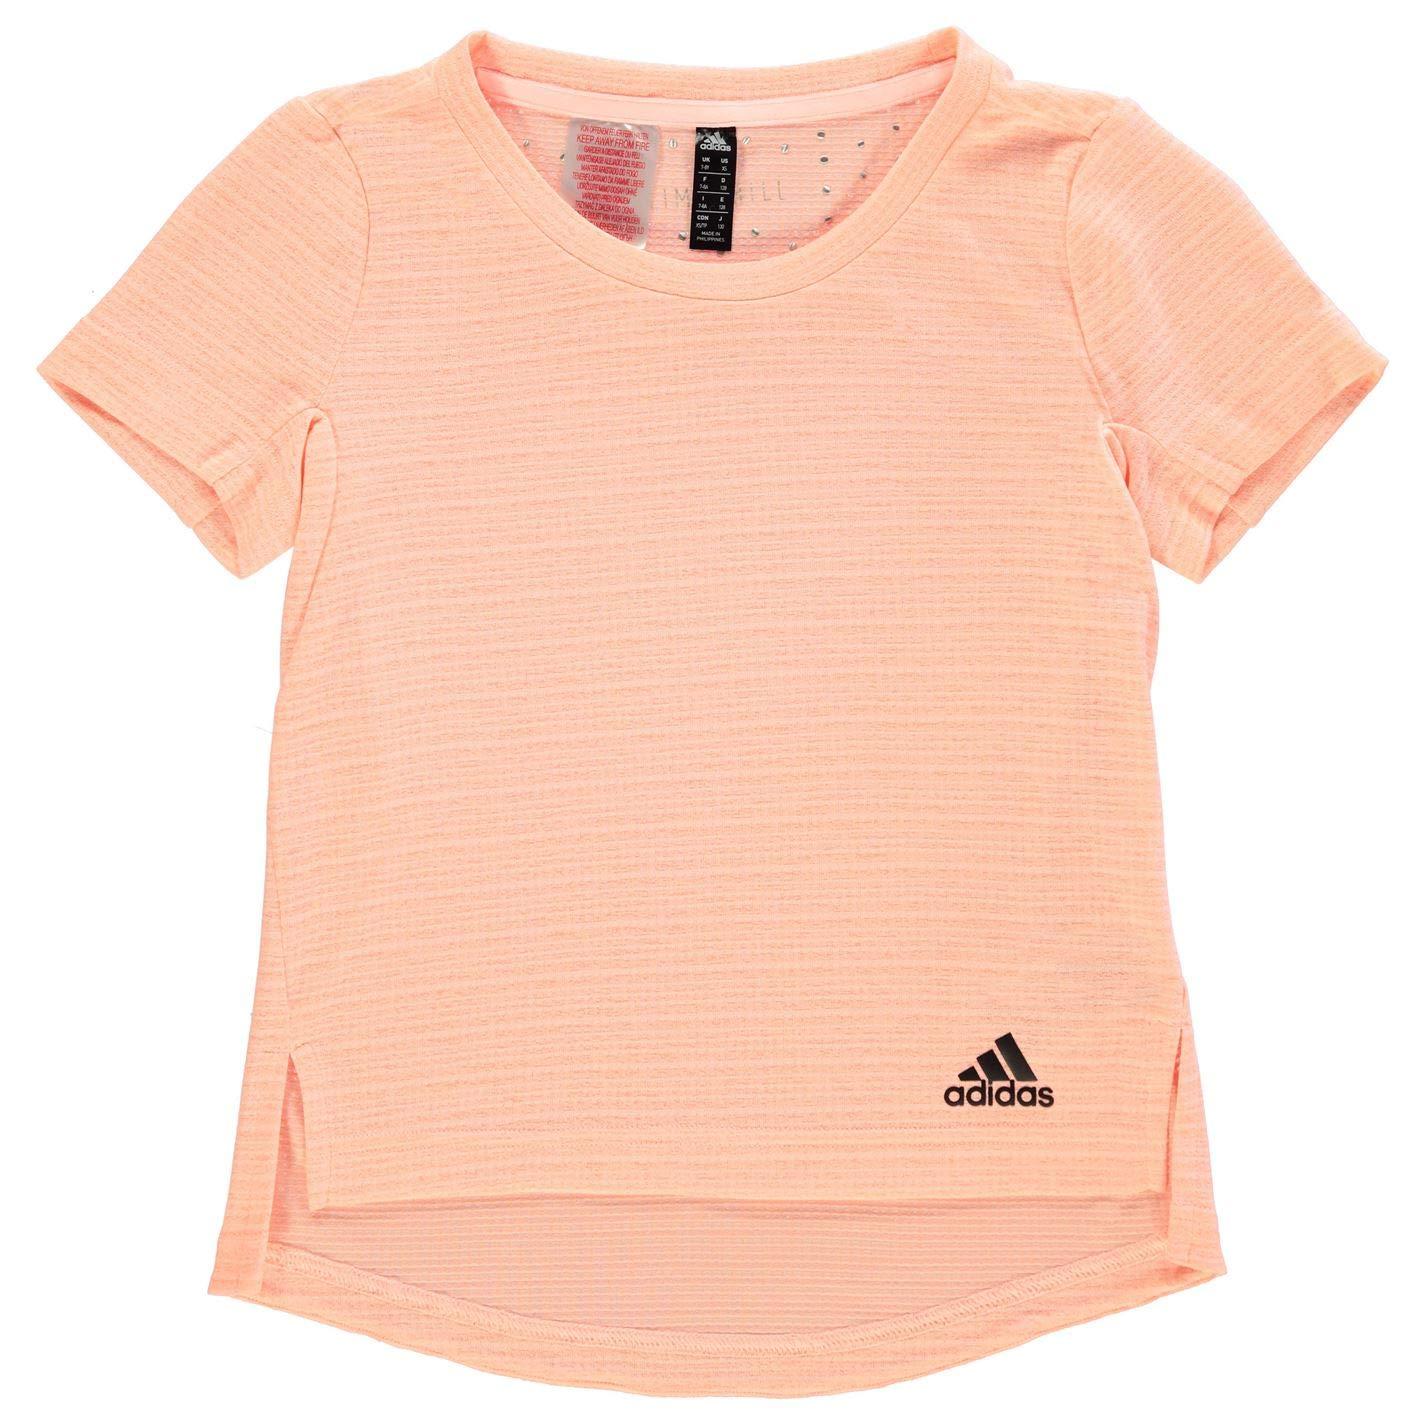 Adidas Chill Maglietta a Maniche Corte da Ragazza